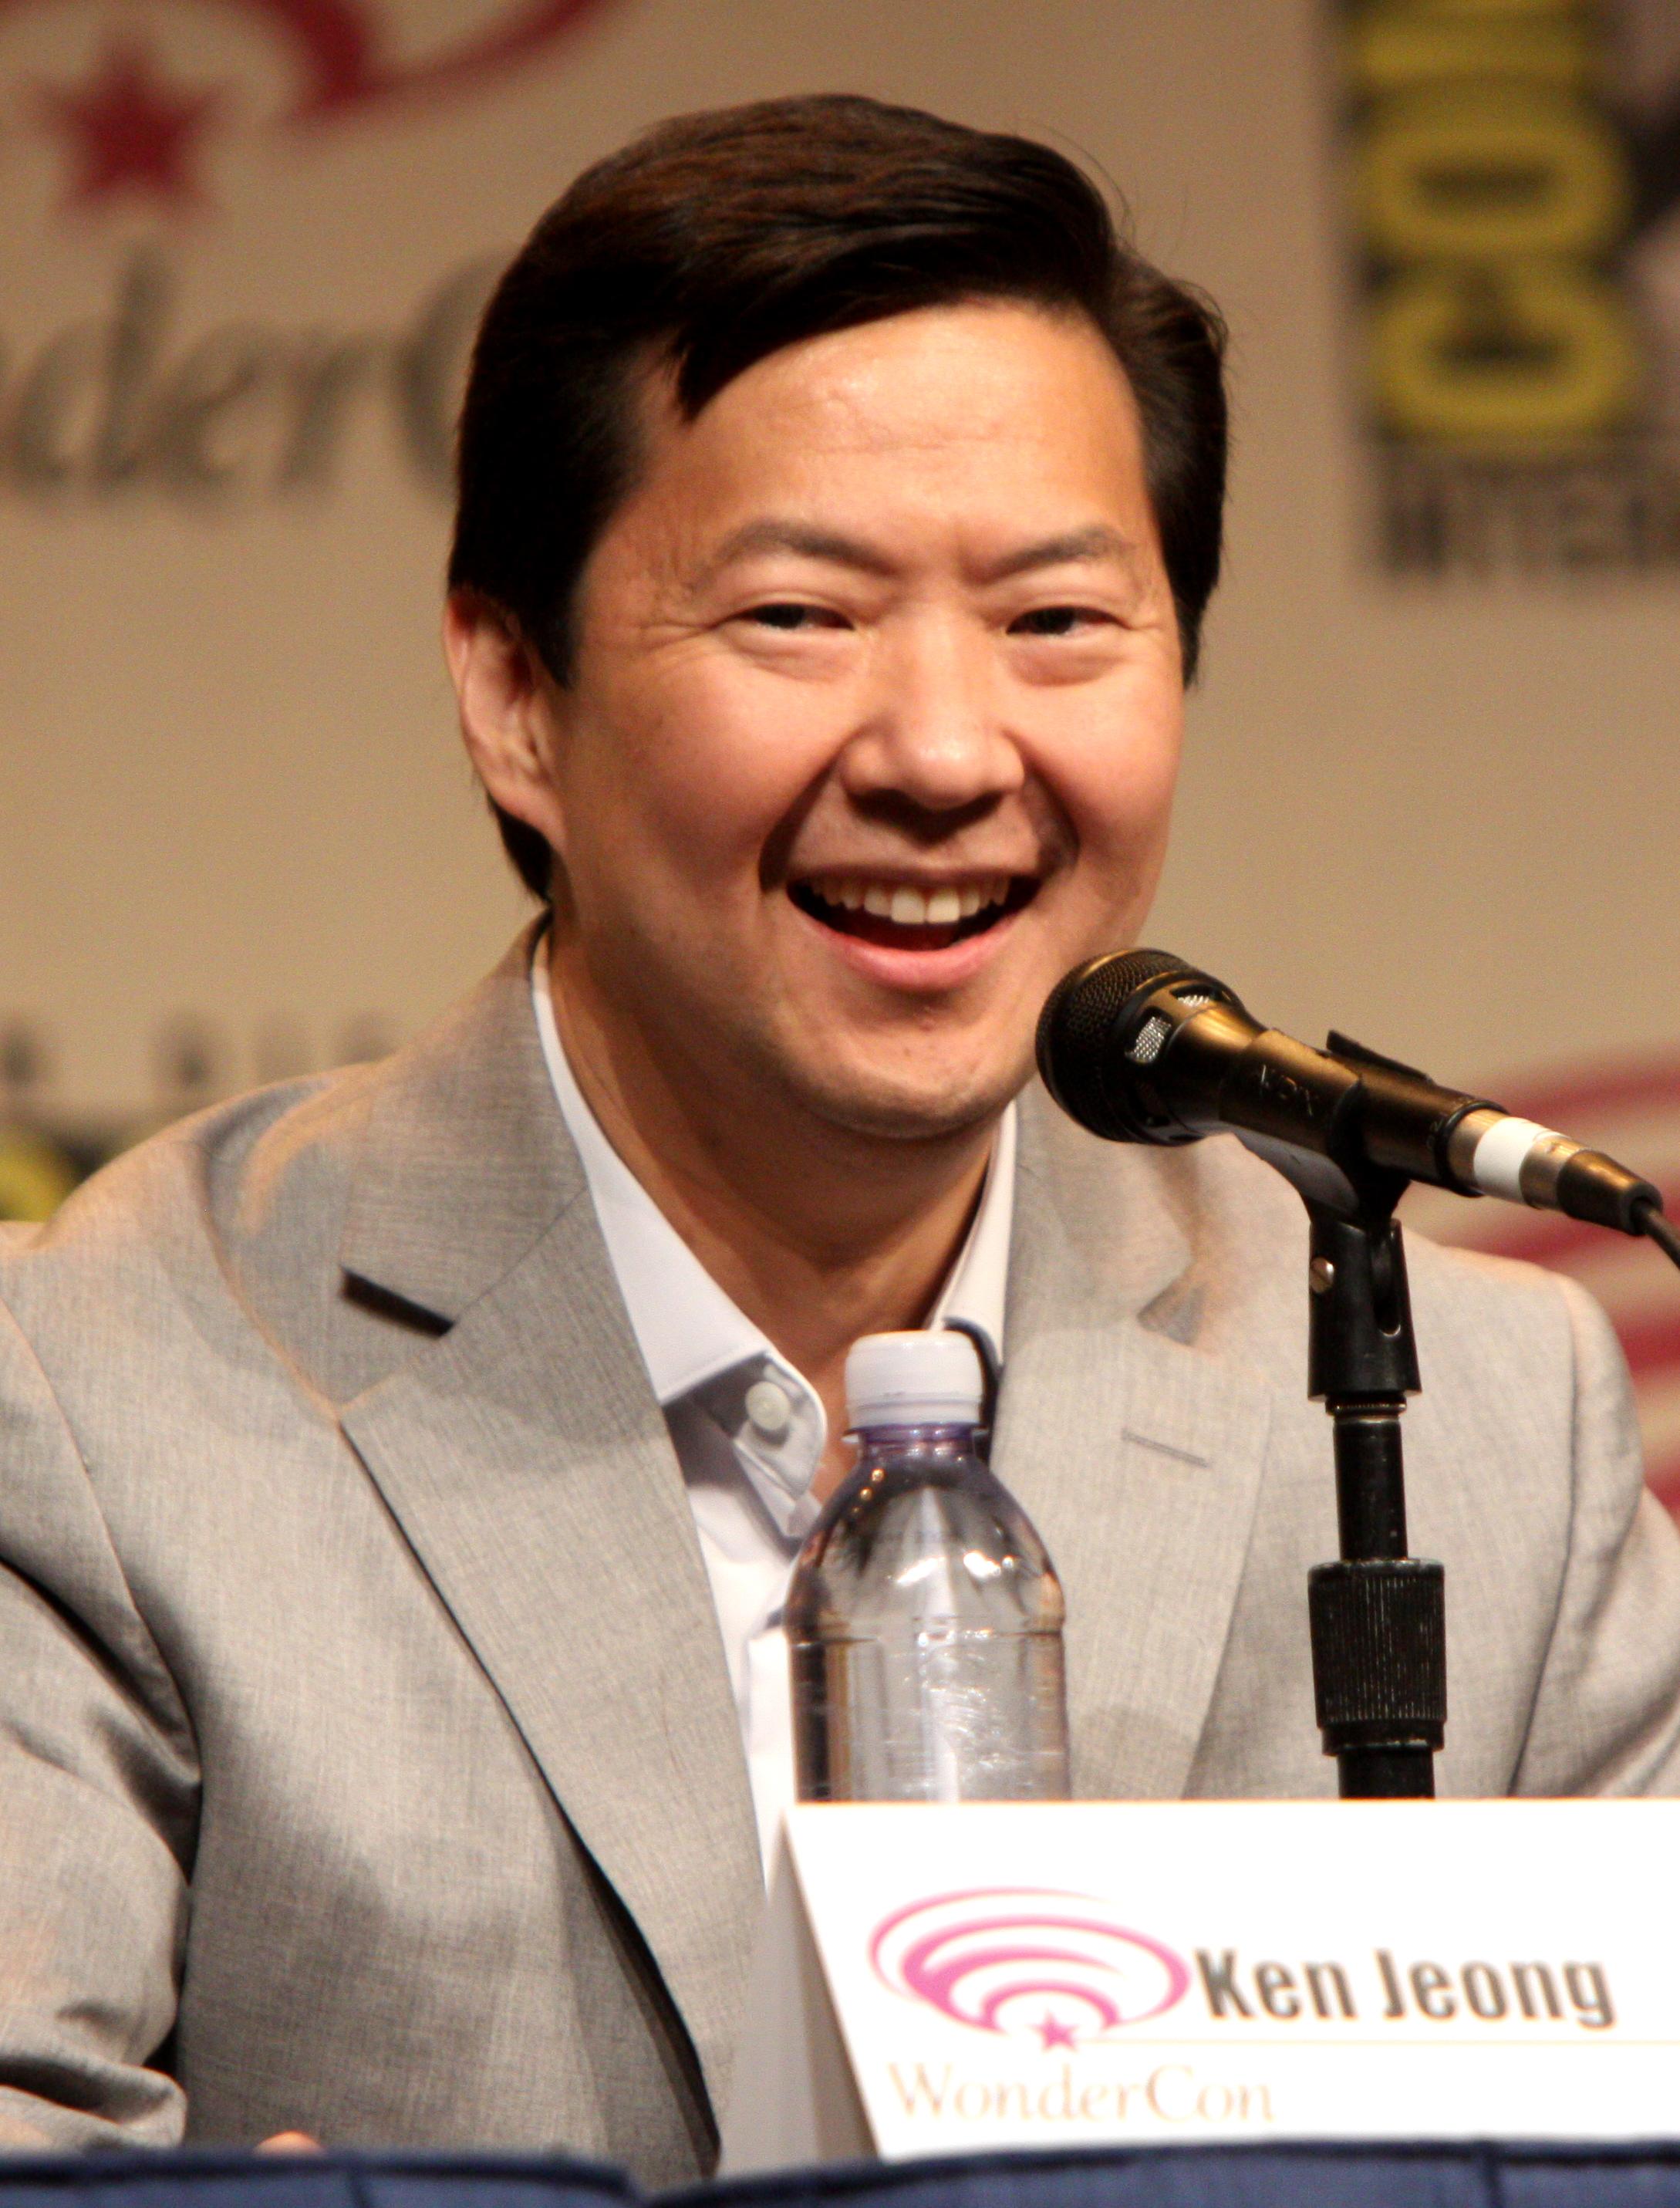 Pleasing Ken Jeong Wikipedia Wiring Cloud Waroletkolfr09Org